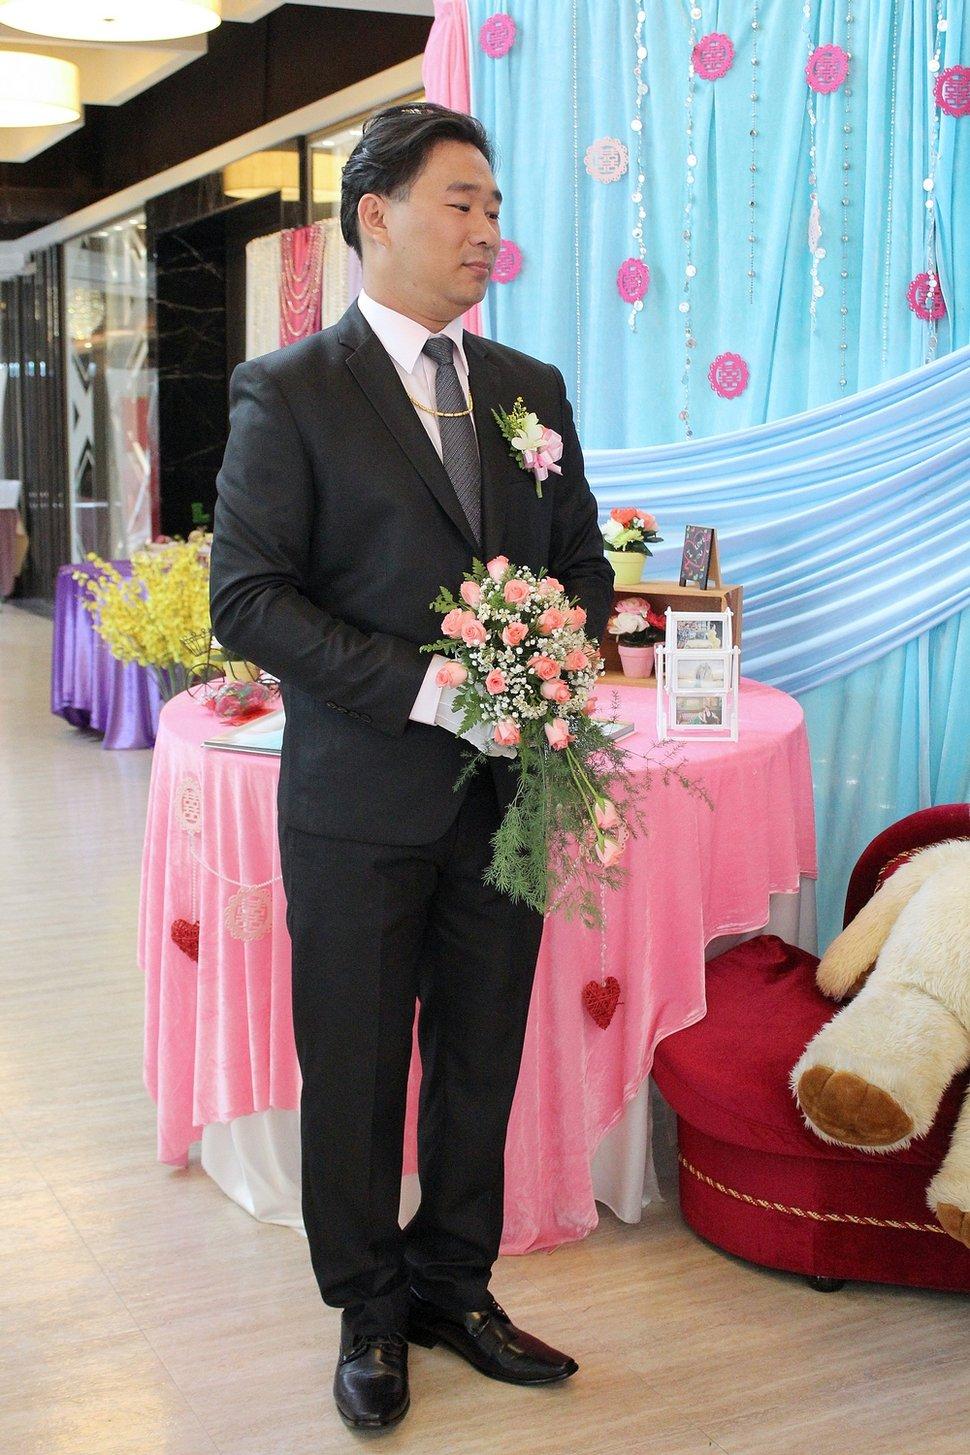 芳胤❤️雅雲(儀式+午宴)(內湖臻愛會館)(編號:431401) - 瑞比特婚禮紀錄攝影 - 結婚吧